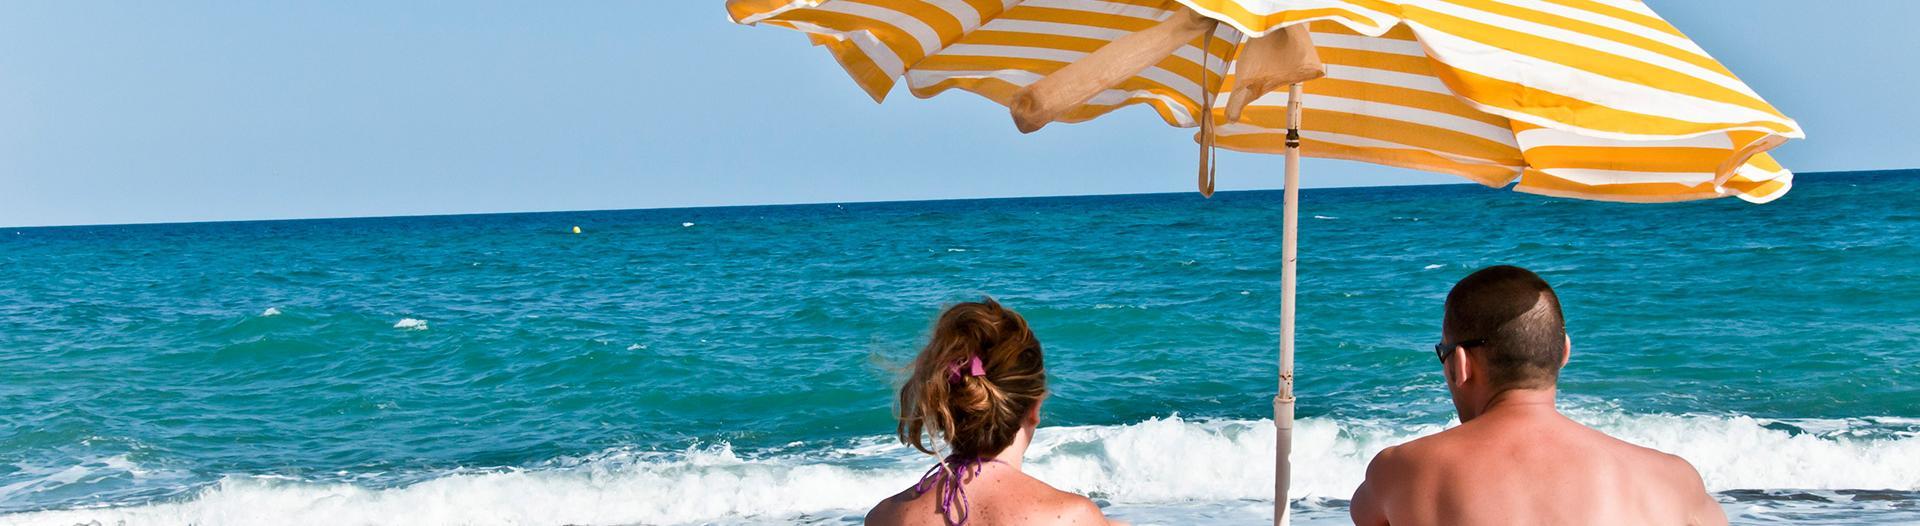 slider-baigneur-plage-costa-brava